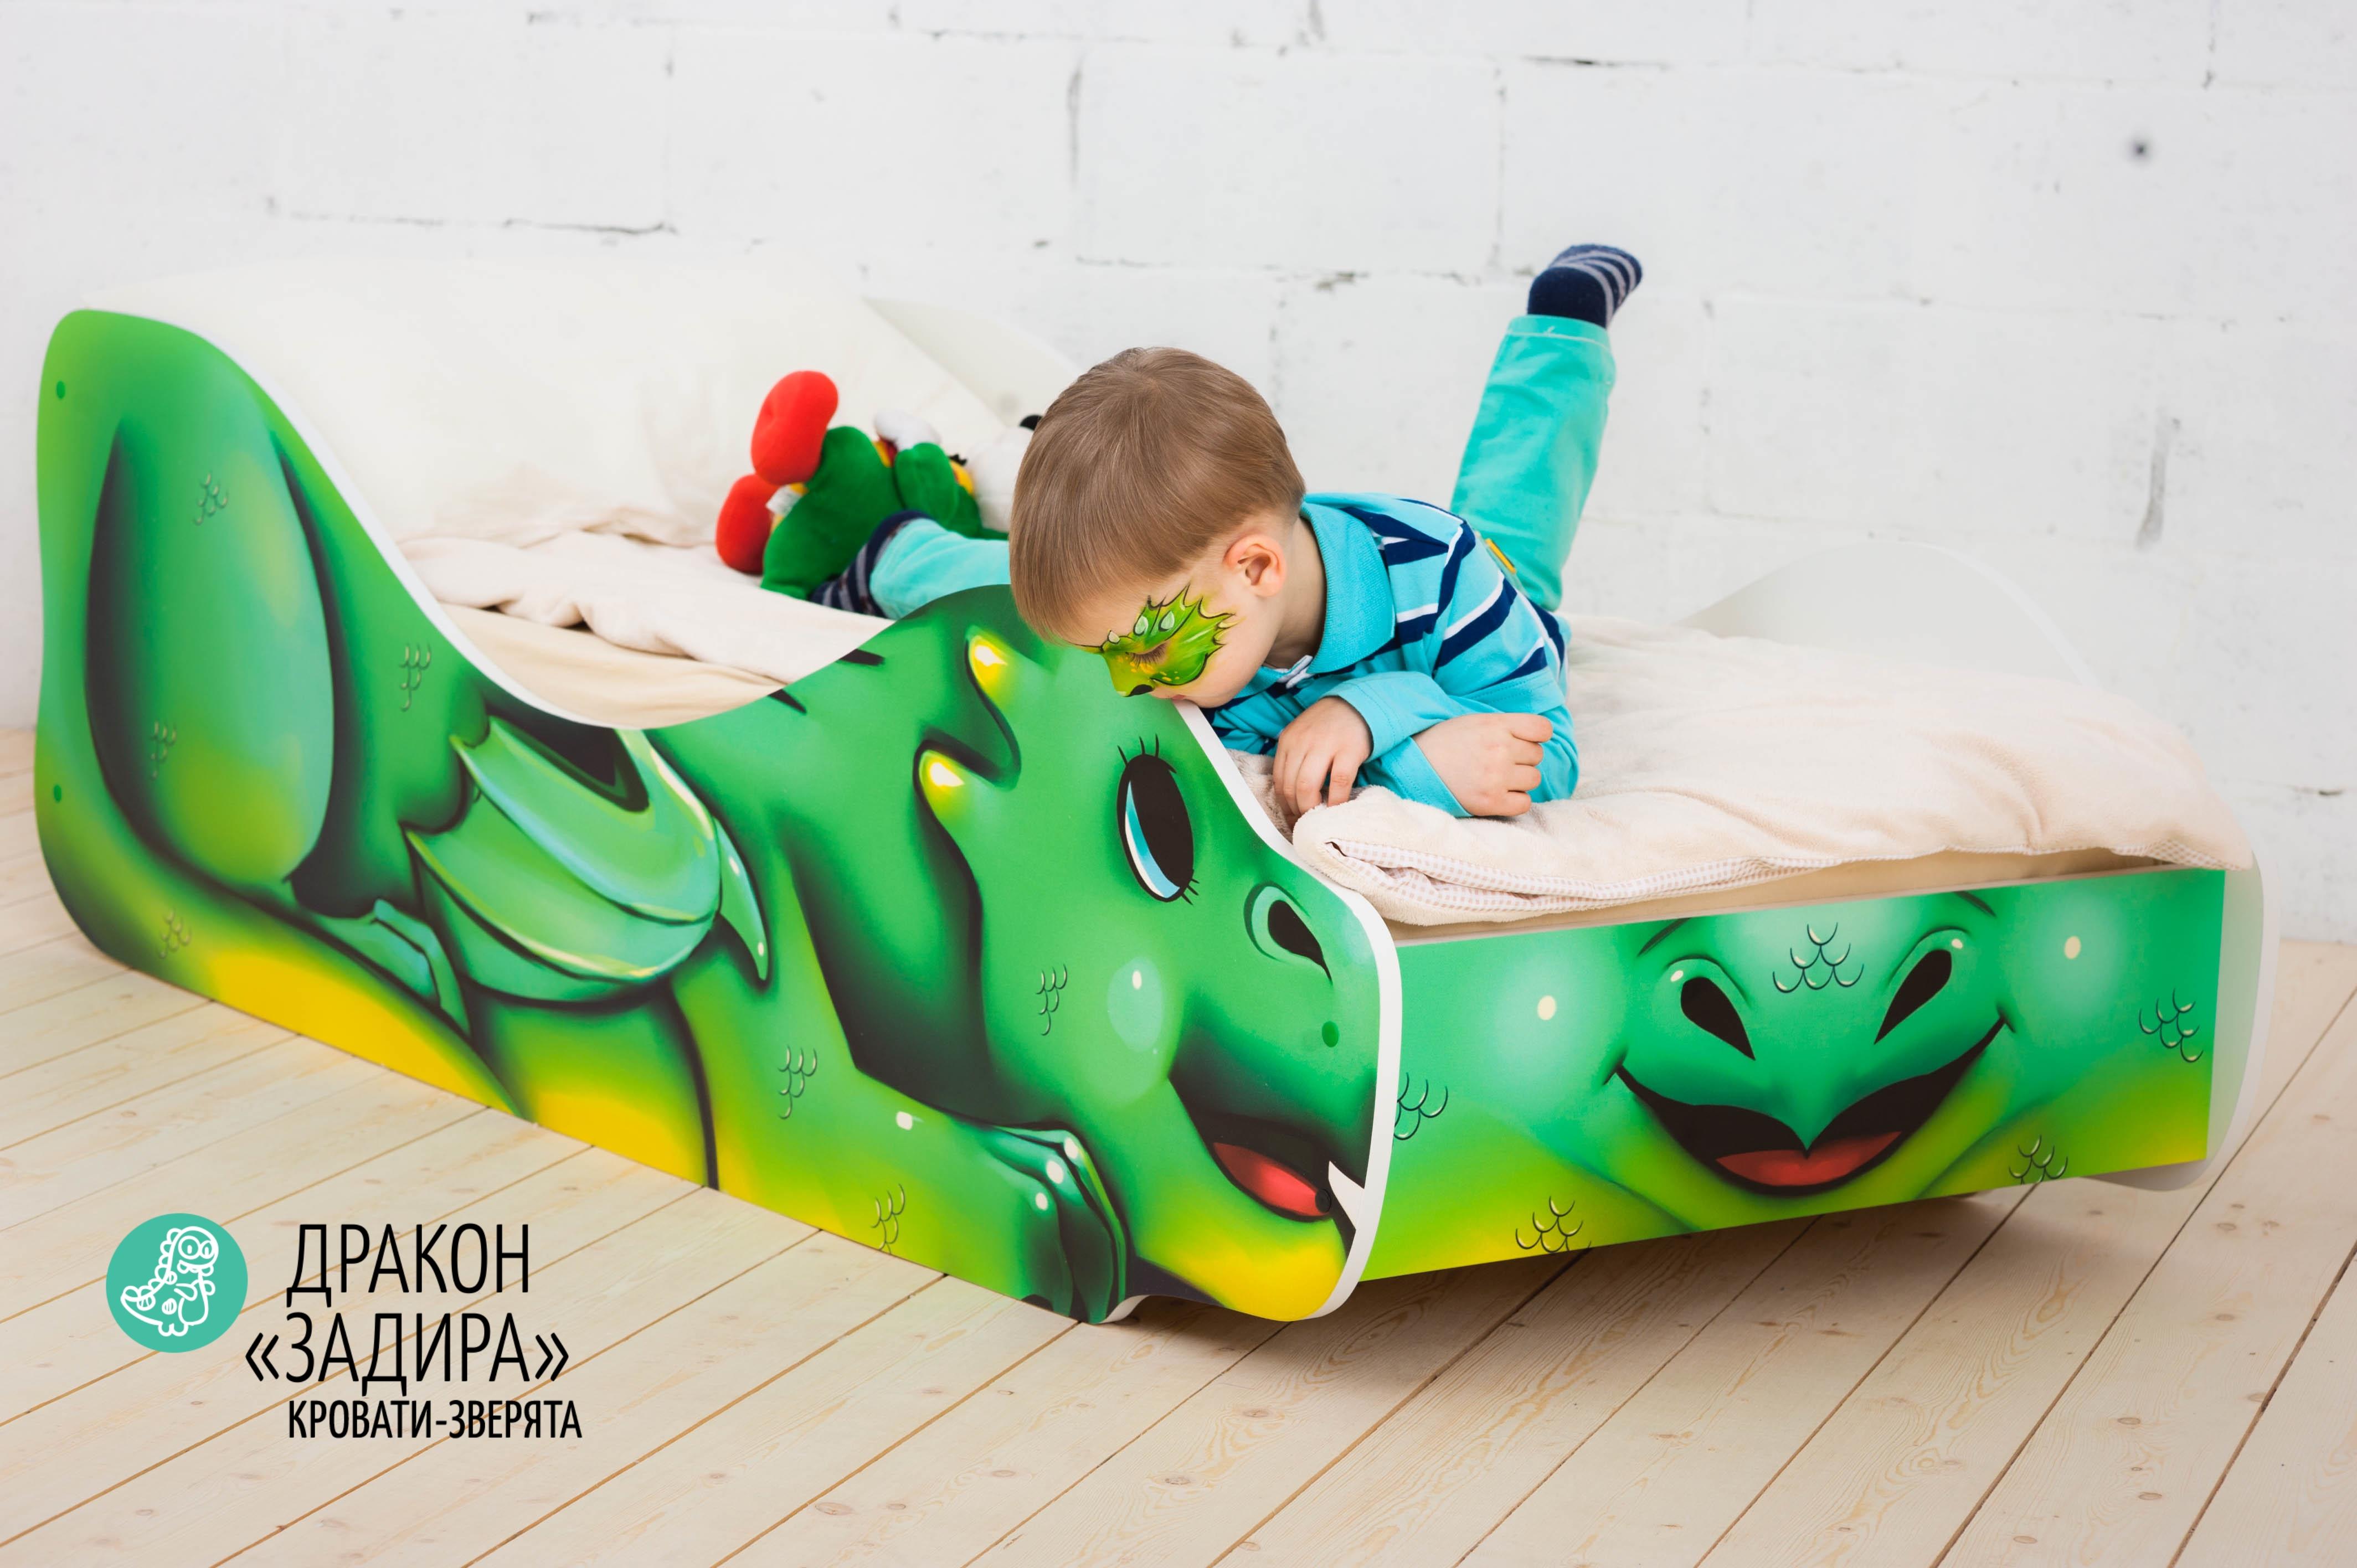 Детская кровать-зверенок -Дракон-Задира-17